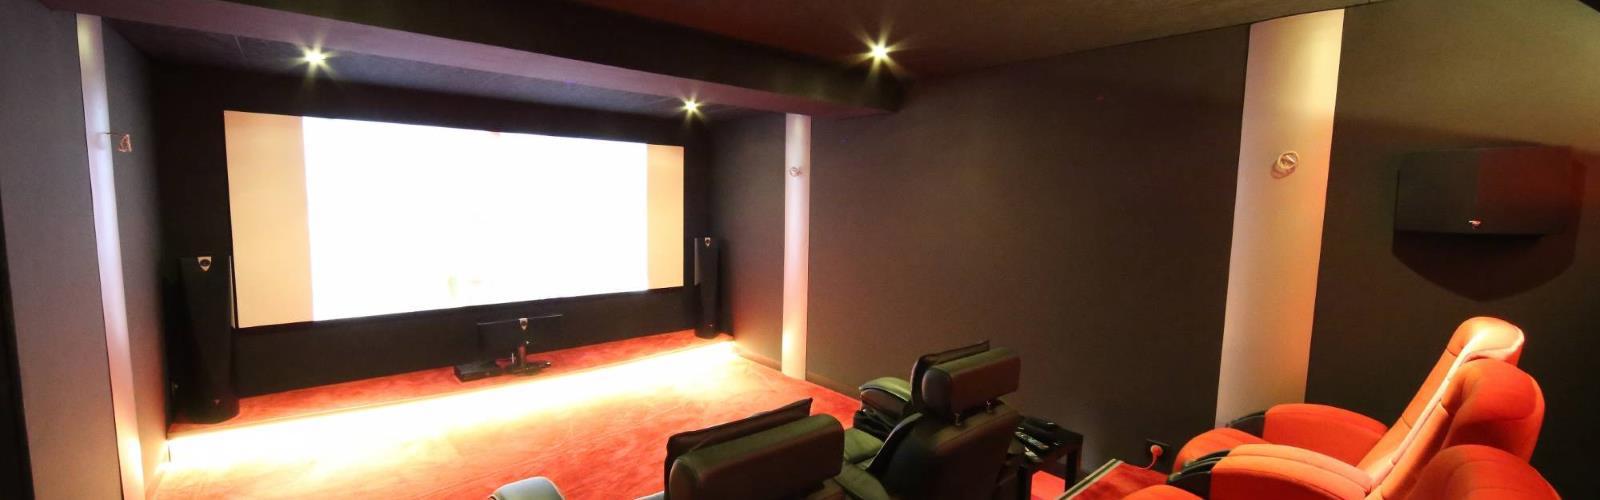 Sauna,salle de jeux,salle de cinéma privée la roche sur yon